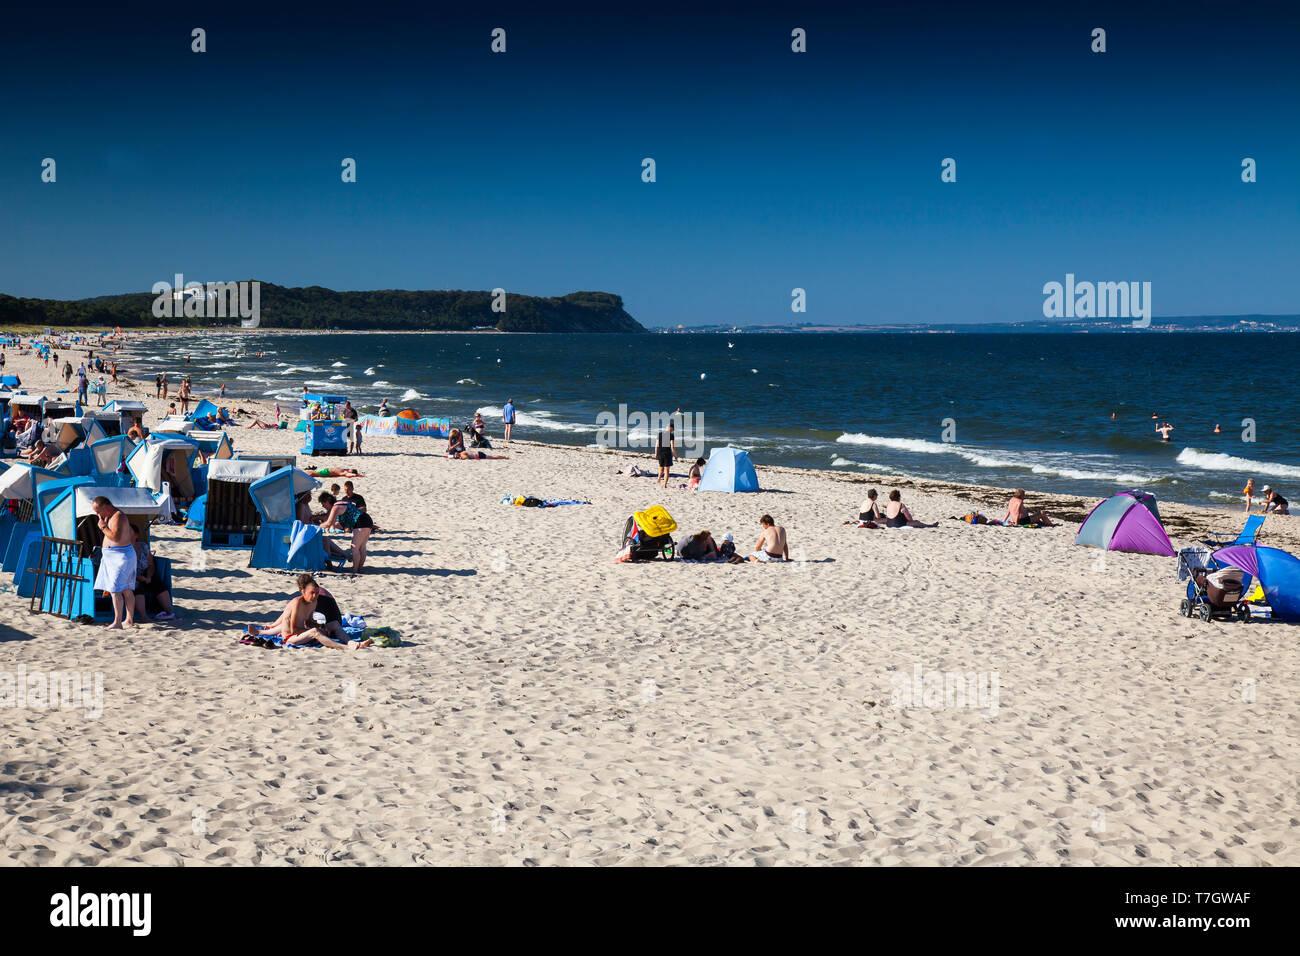 Strand mit Strandkörben, Ostseebad Göhren, Rügen, Mecklenburg- Vorpommern, Deutschland, Europa - Stock Image